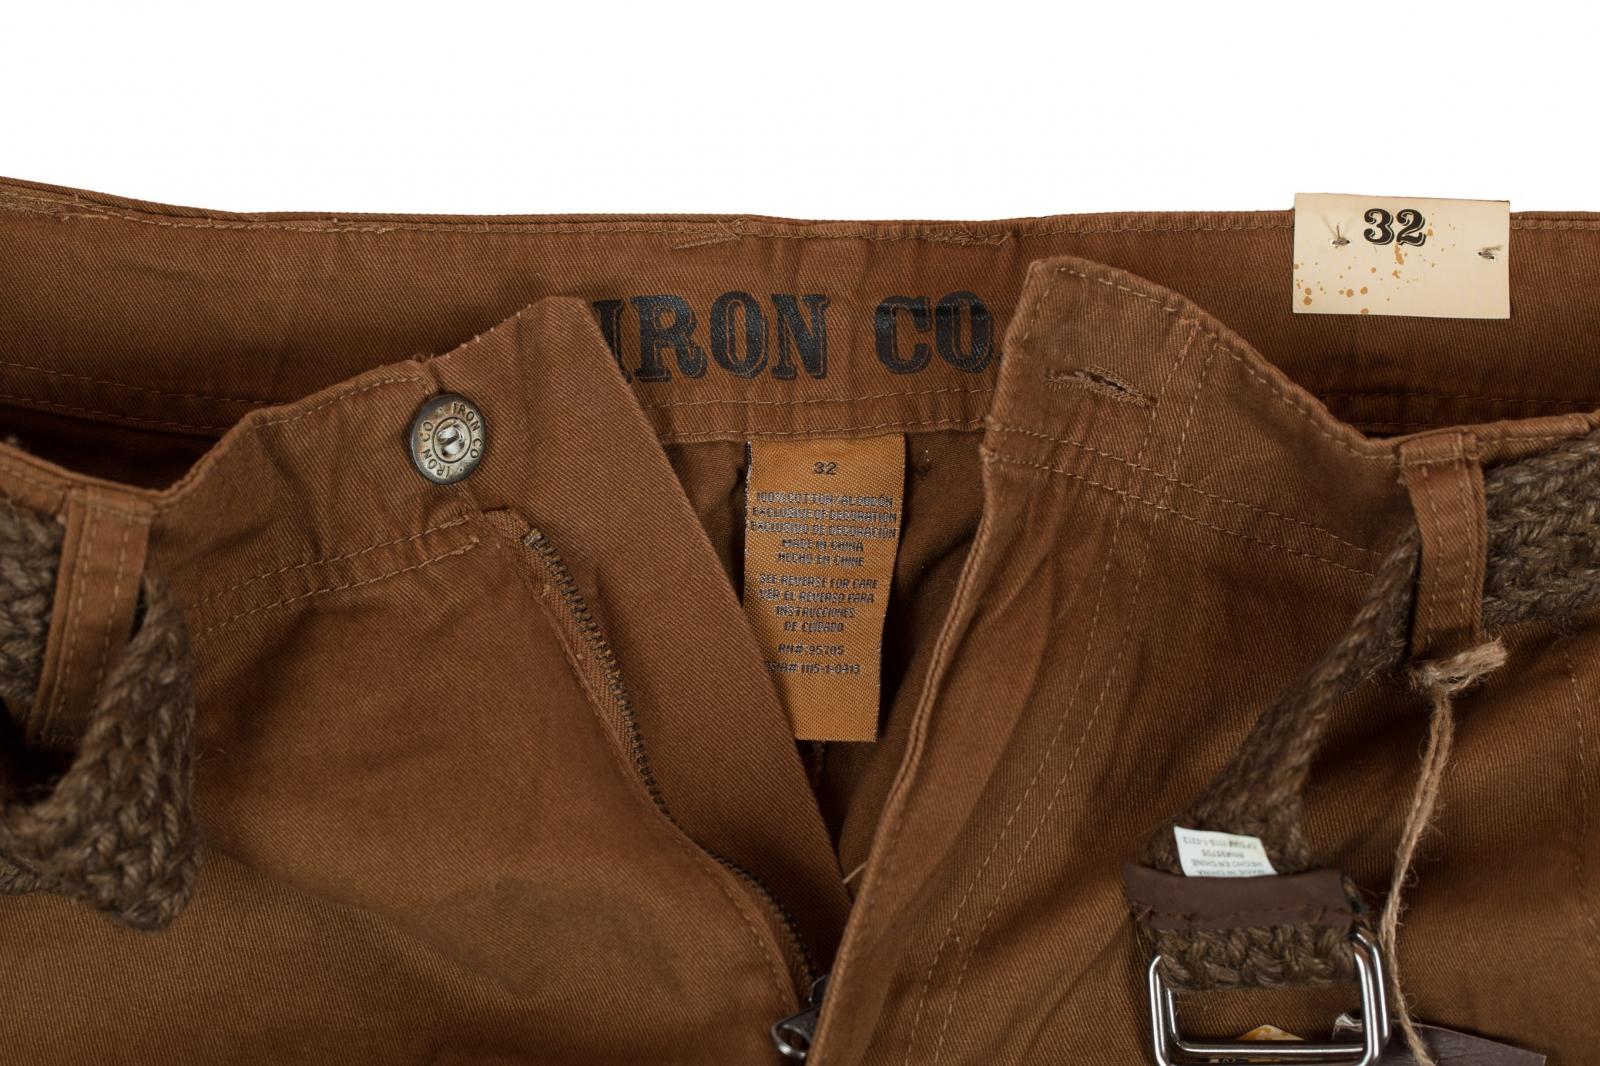 Брендовые шорты мужские (Iron Co., США) по лучшей цене